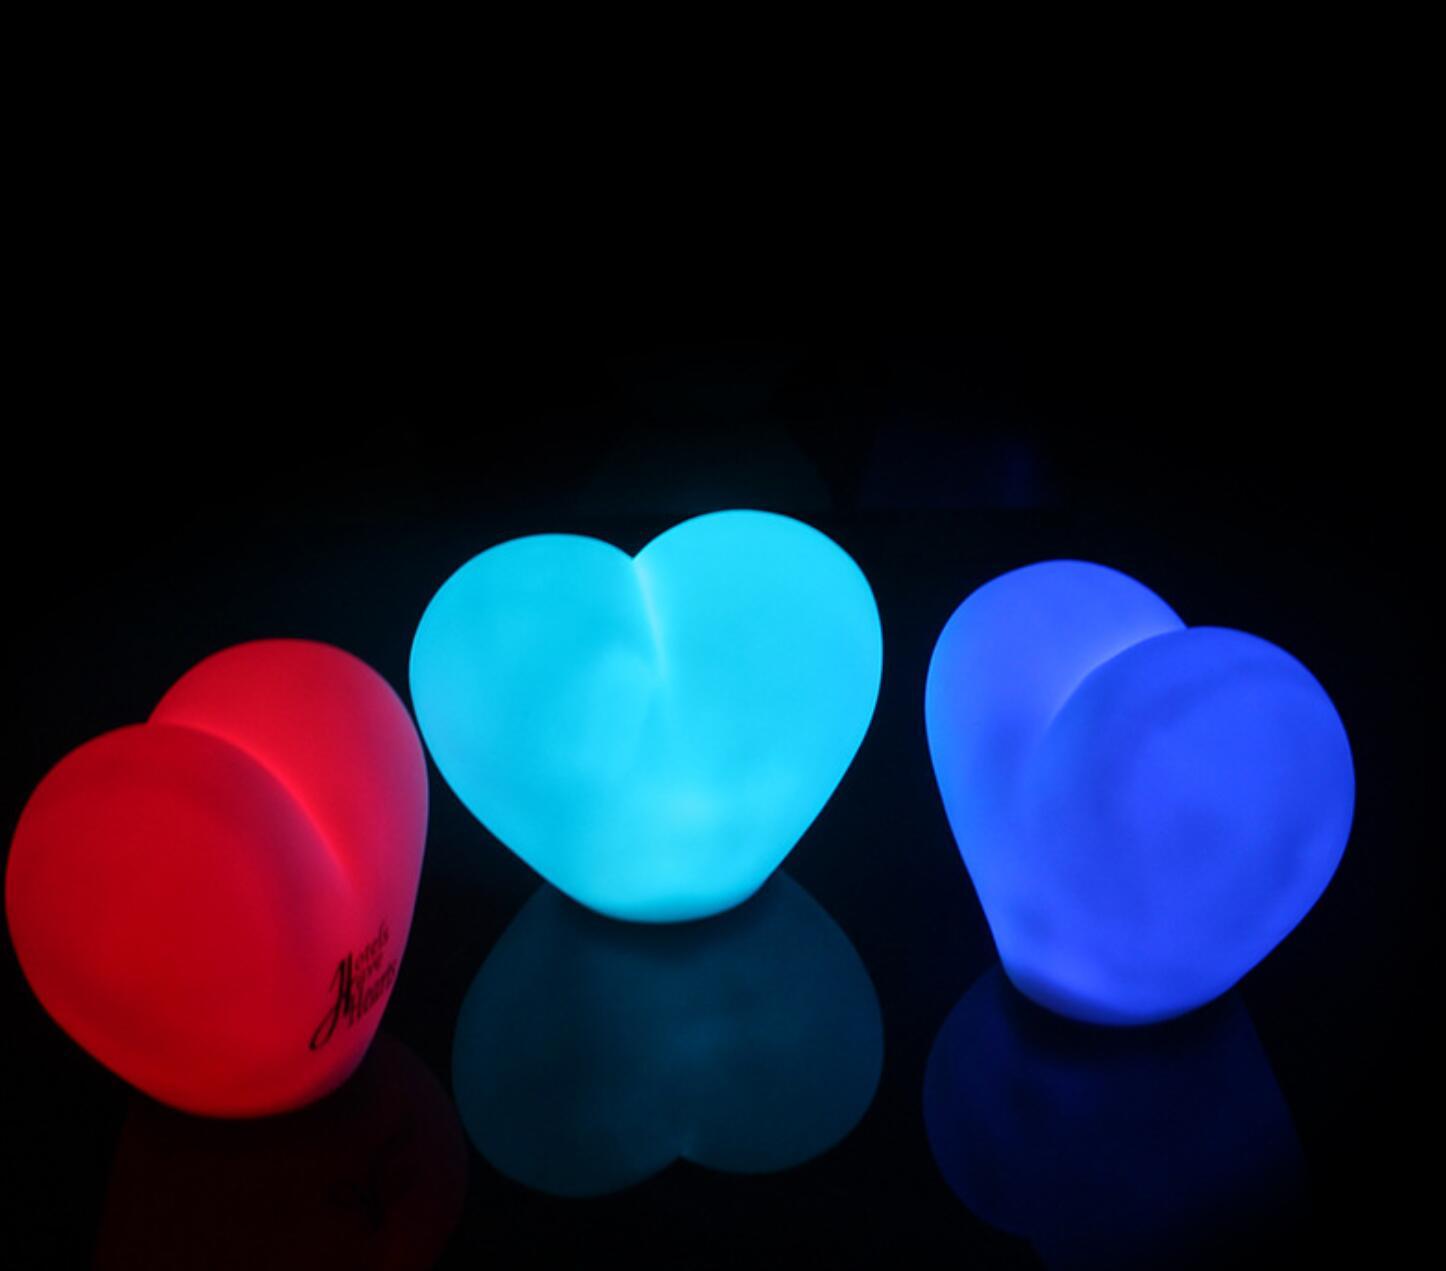 أحمر شكل قلب القلب غرفة نوم فتاة led ضوء الليل لطيف الديكور ضوء الإبداعية الجديدة